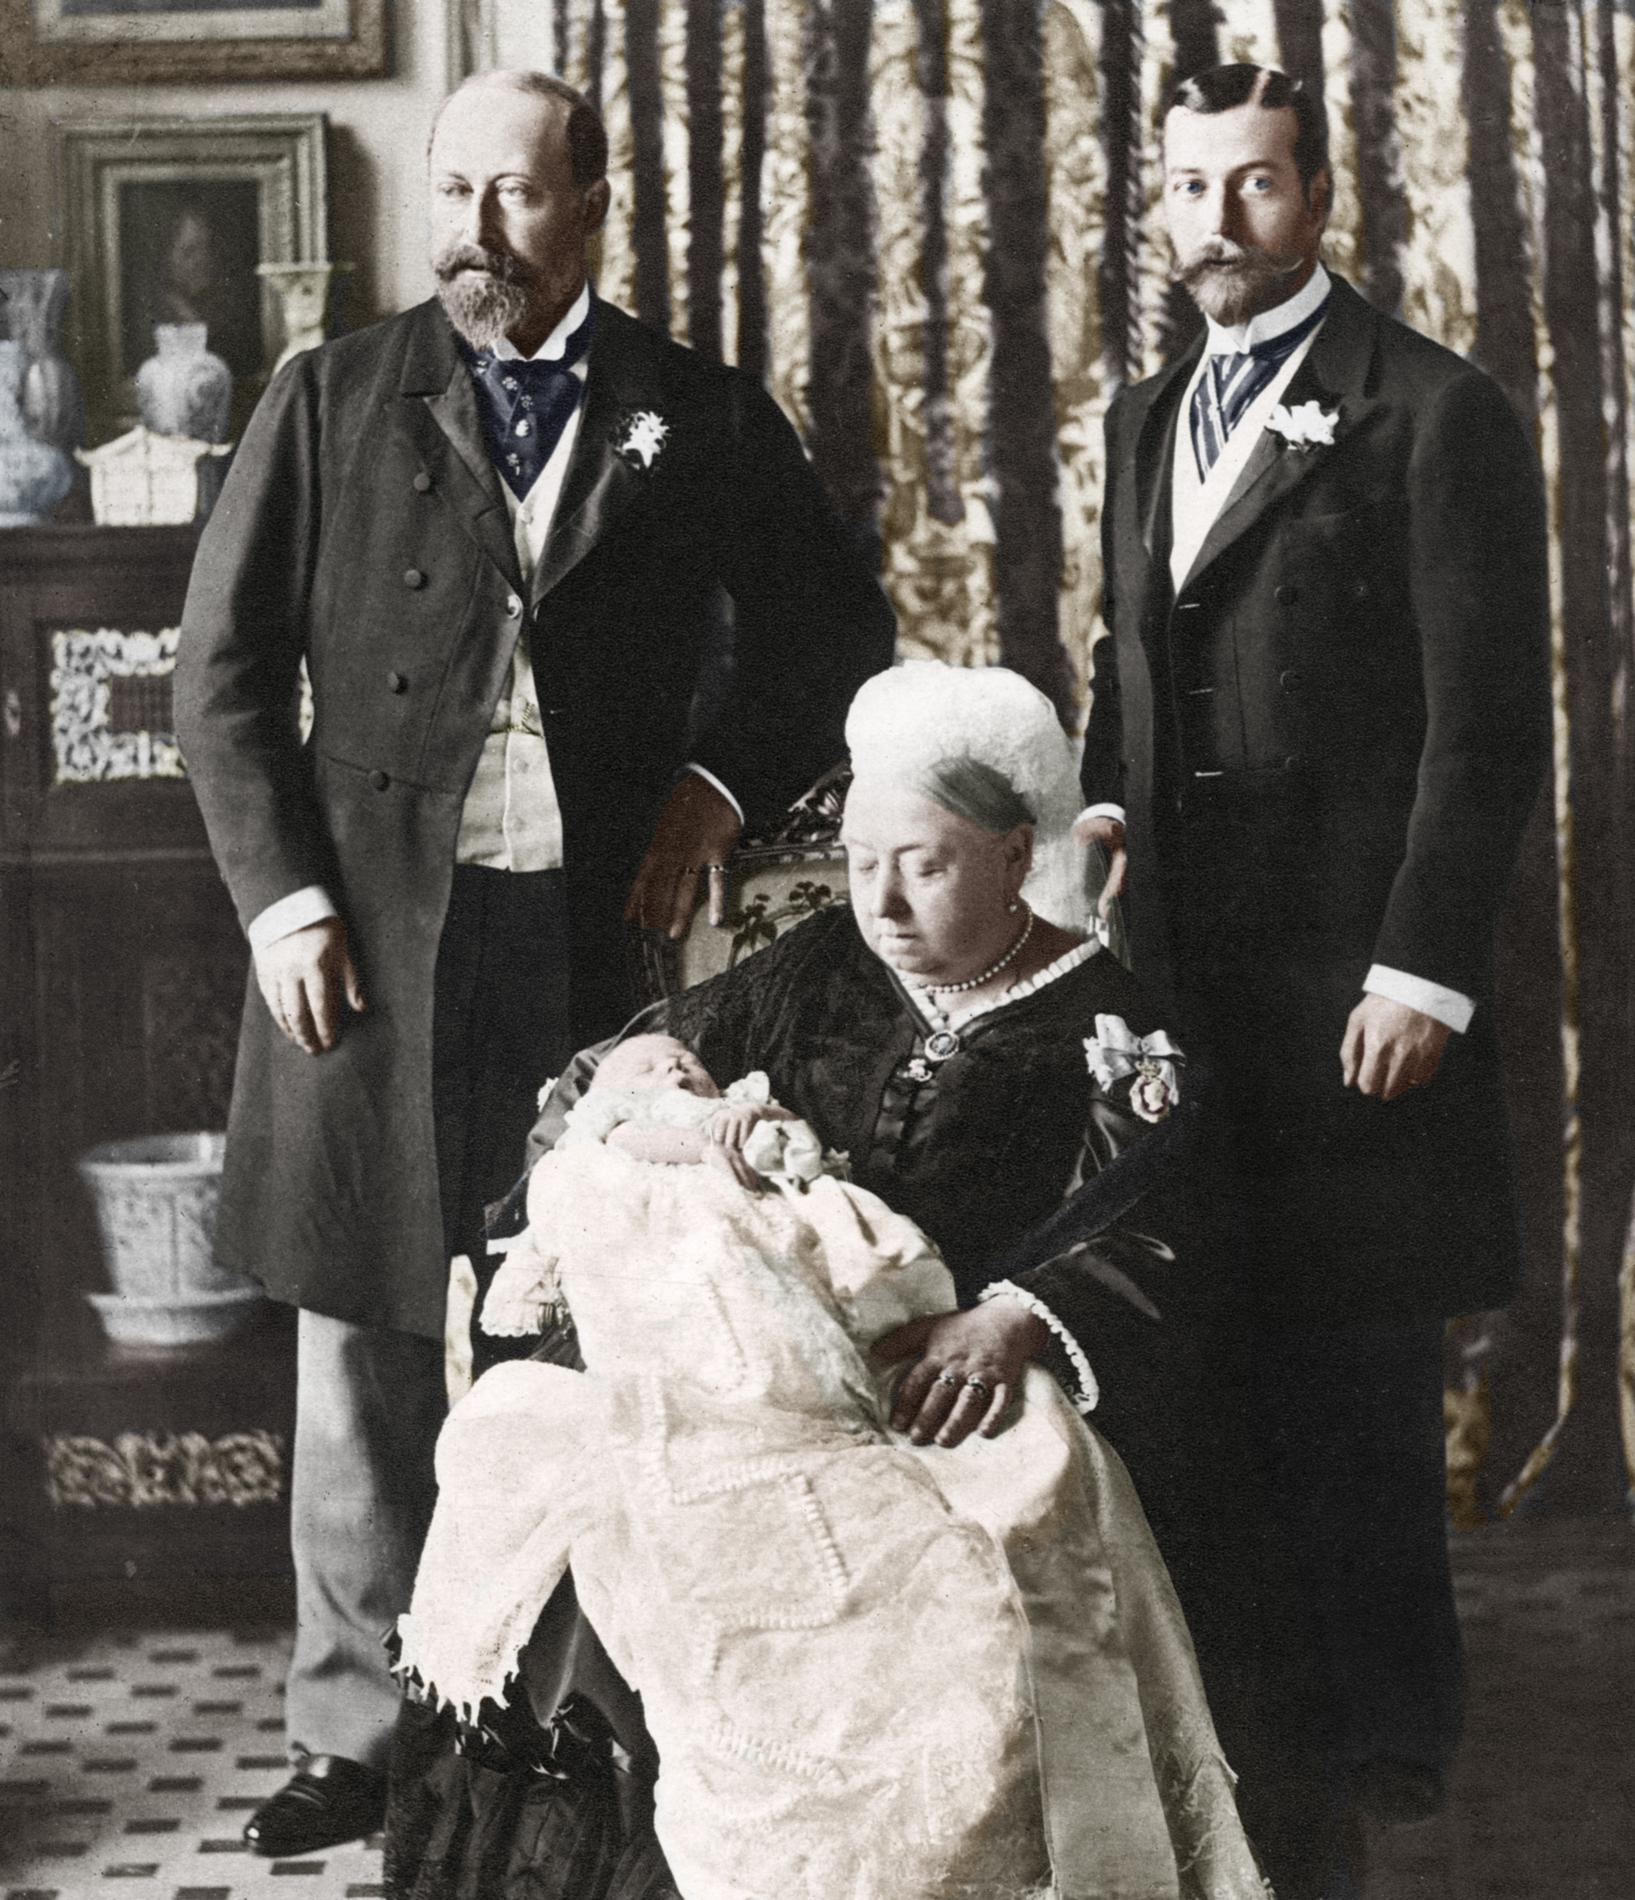 7908e313a07df ... La robe de baptême royale britannique au fil des ans - prince Charles  La robe de baptême royale britannique au fil des ans - princesse Anne La  robe de ...